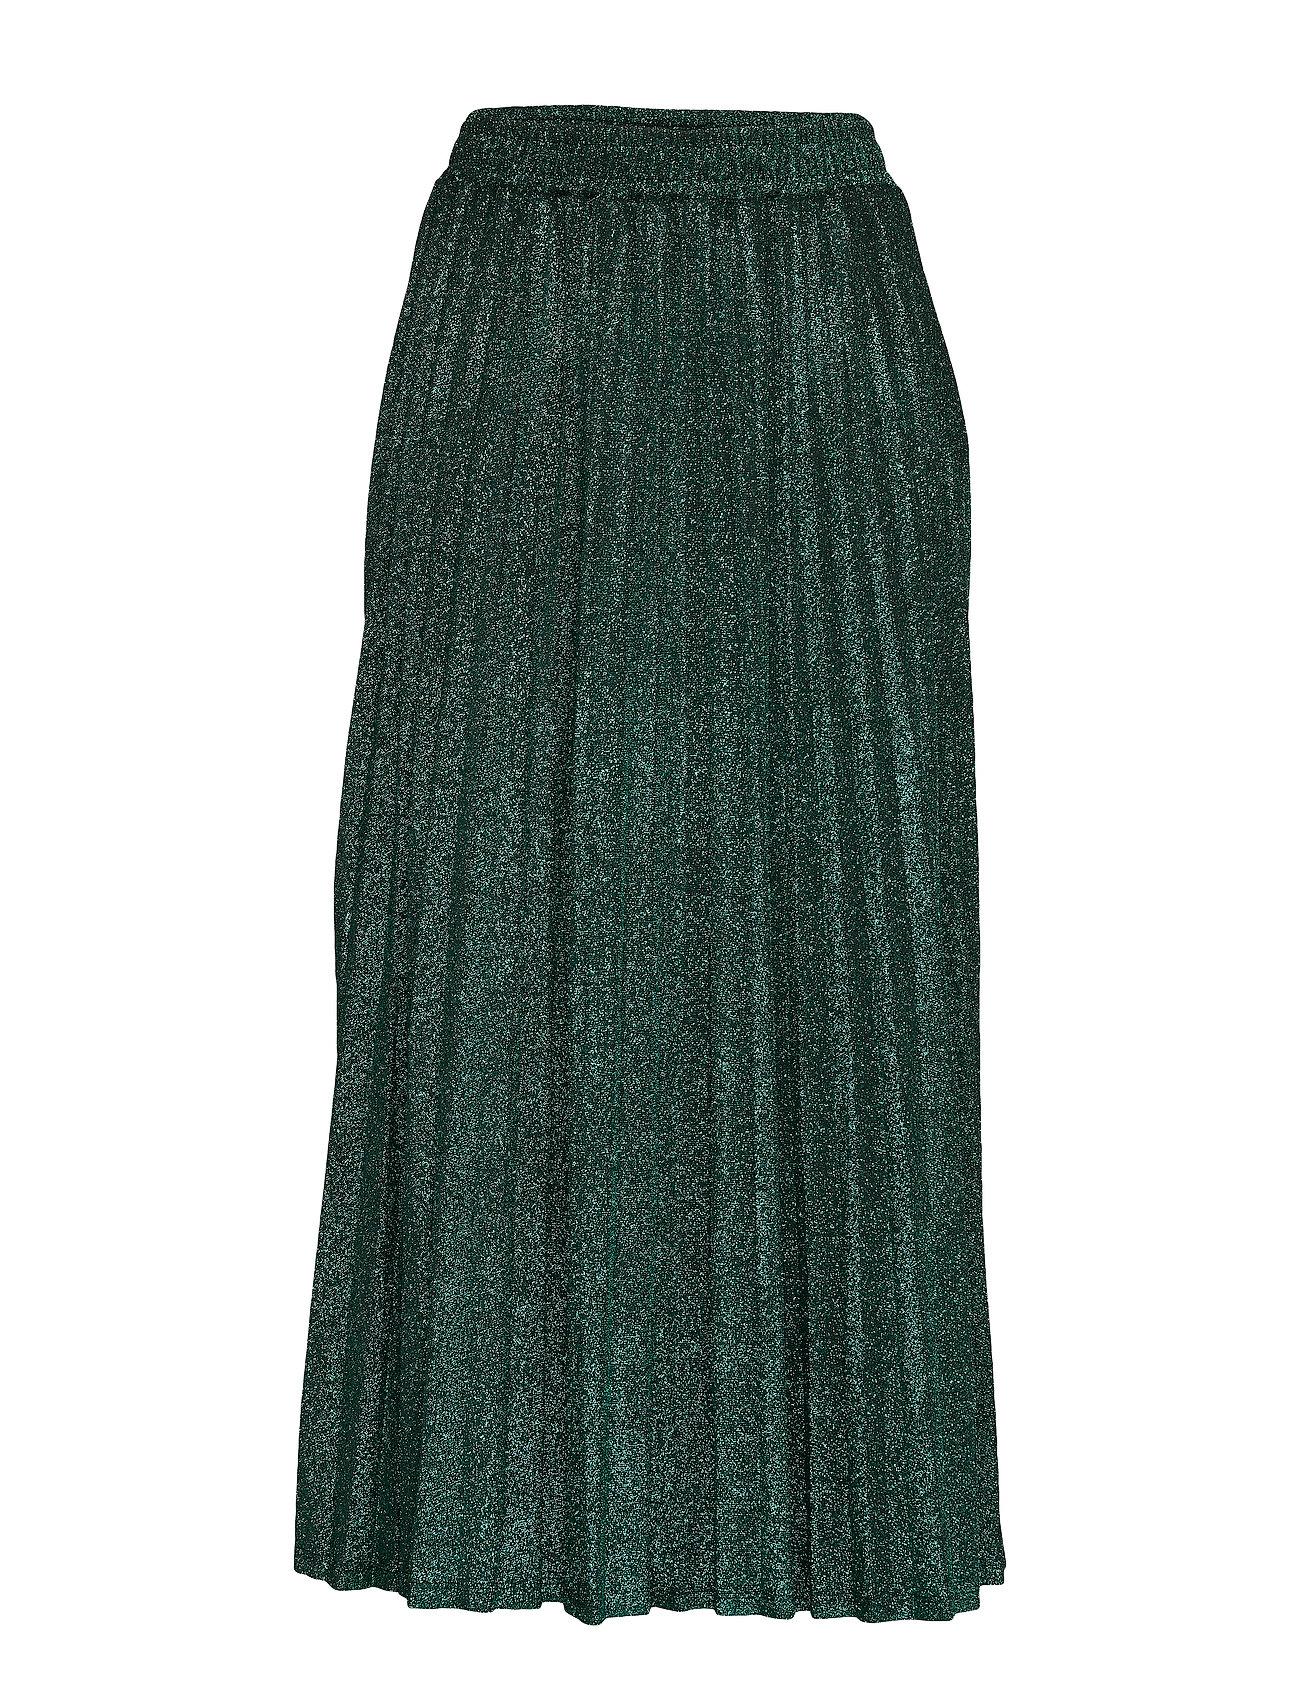 GUESS Jeans MARION SKIRT - GREEN LUREX